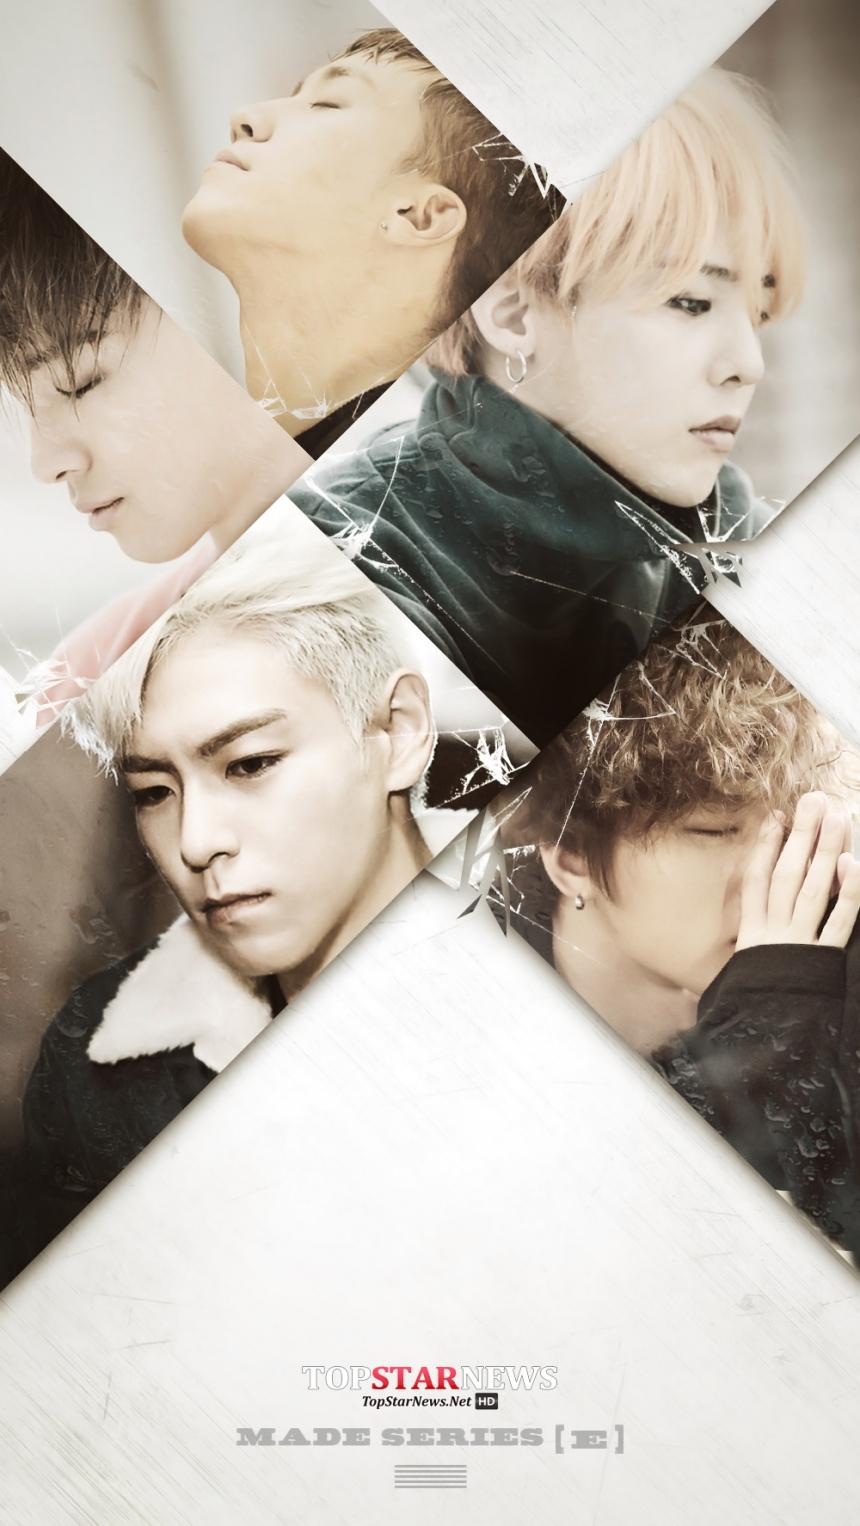 빅뱅(BIGBANG) '우리 사랑하지 말아요' 앨범 이미지 / YG 엔터테인먼트